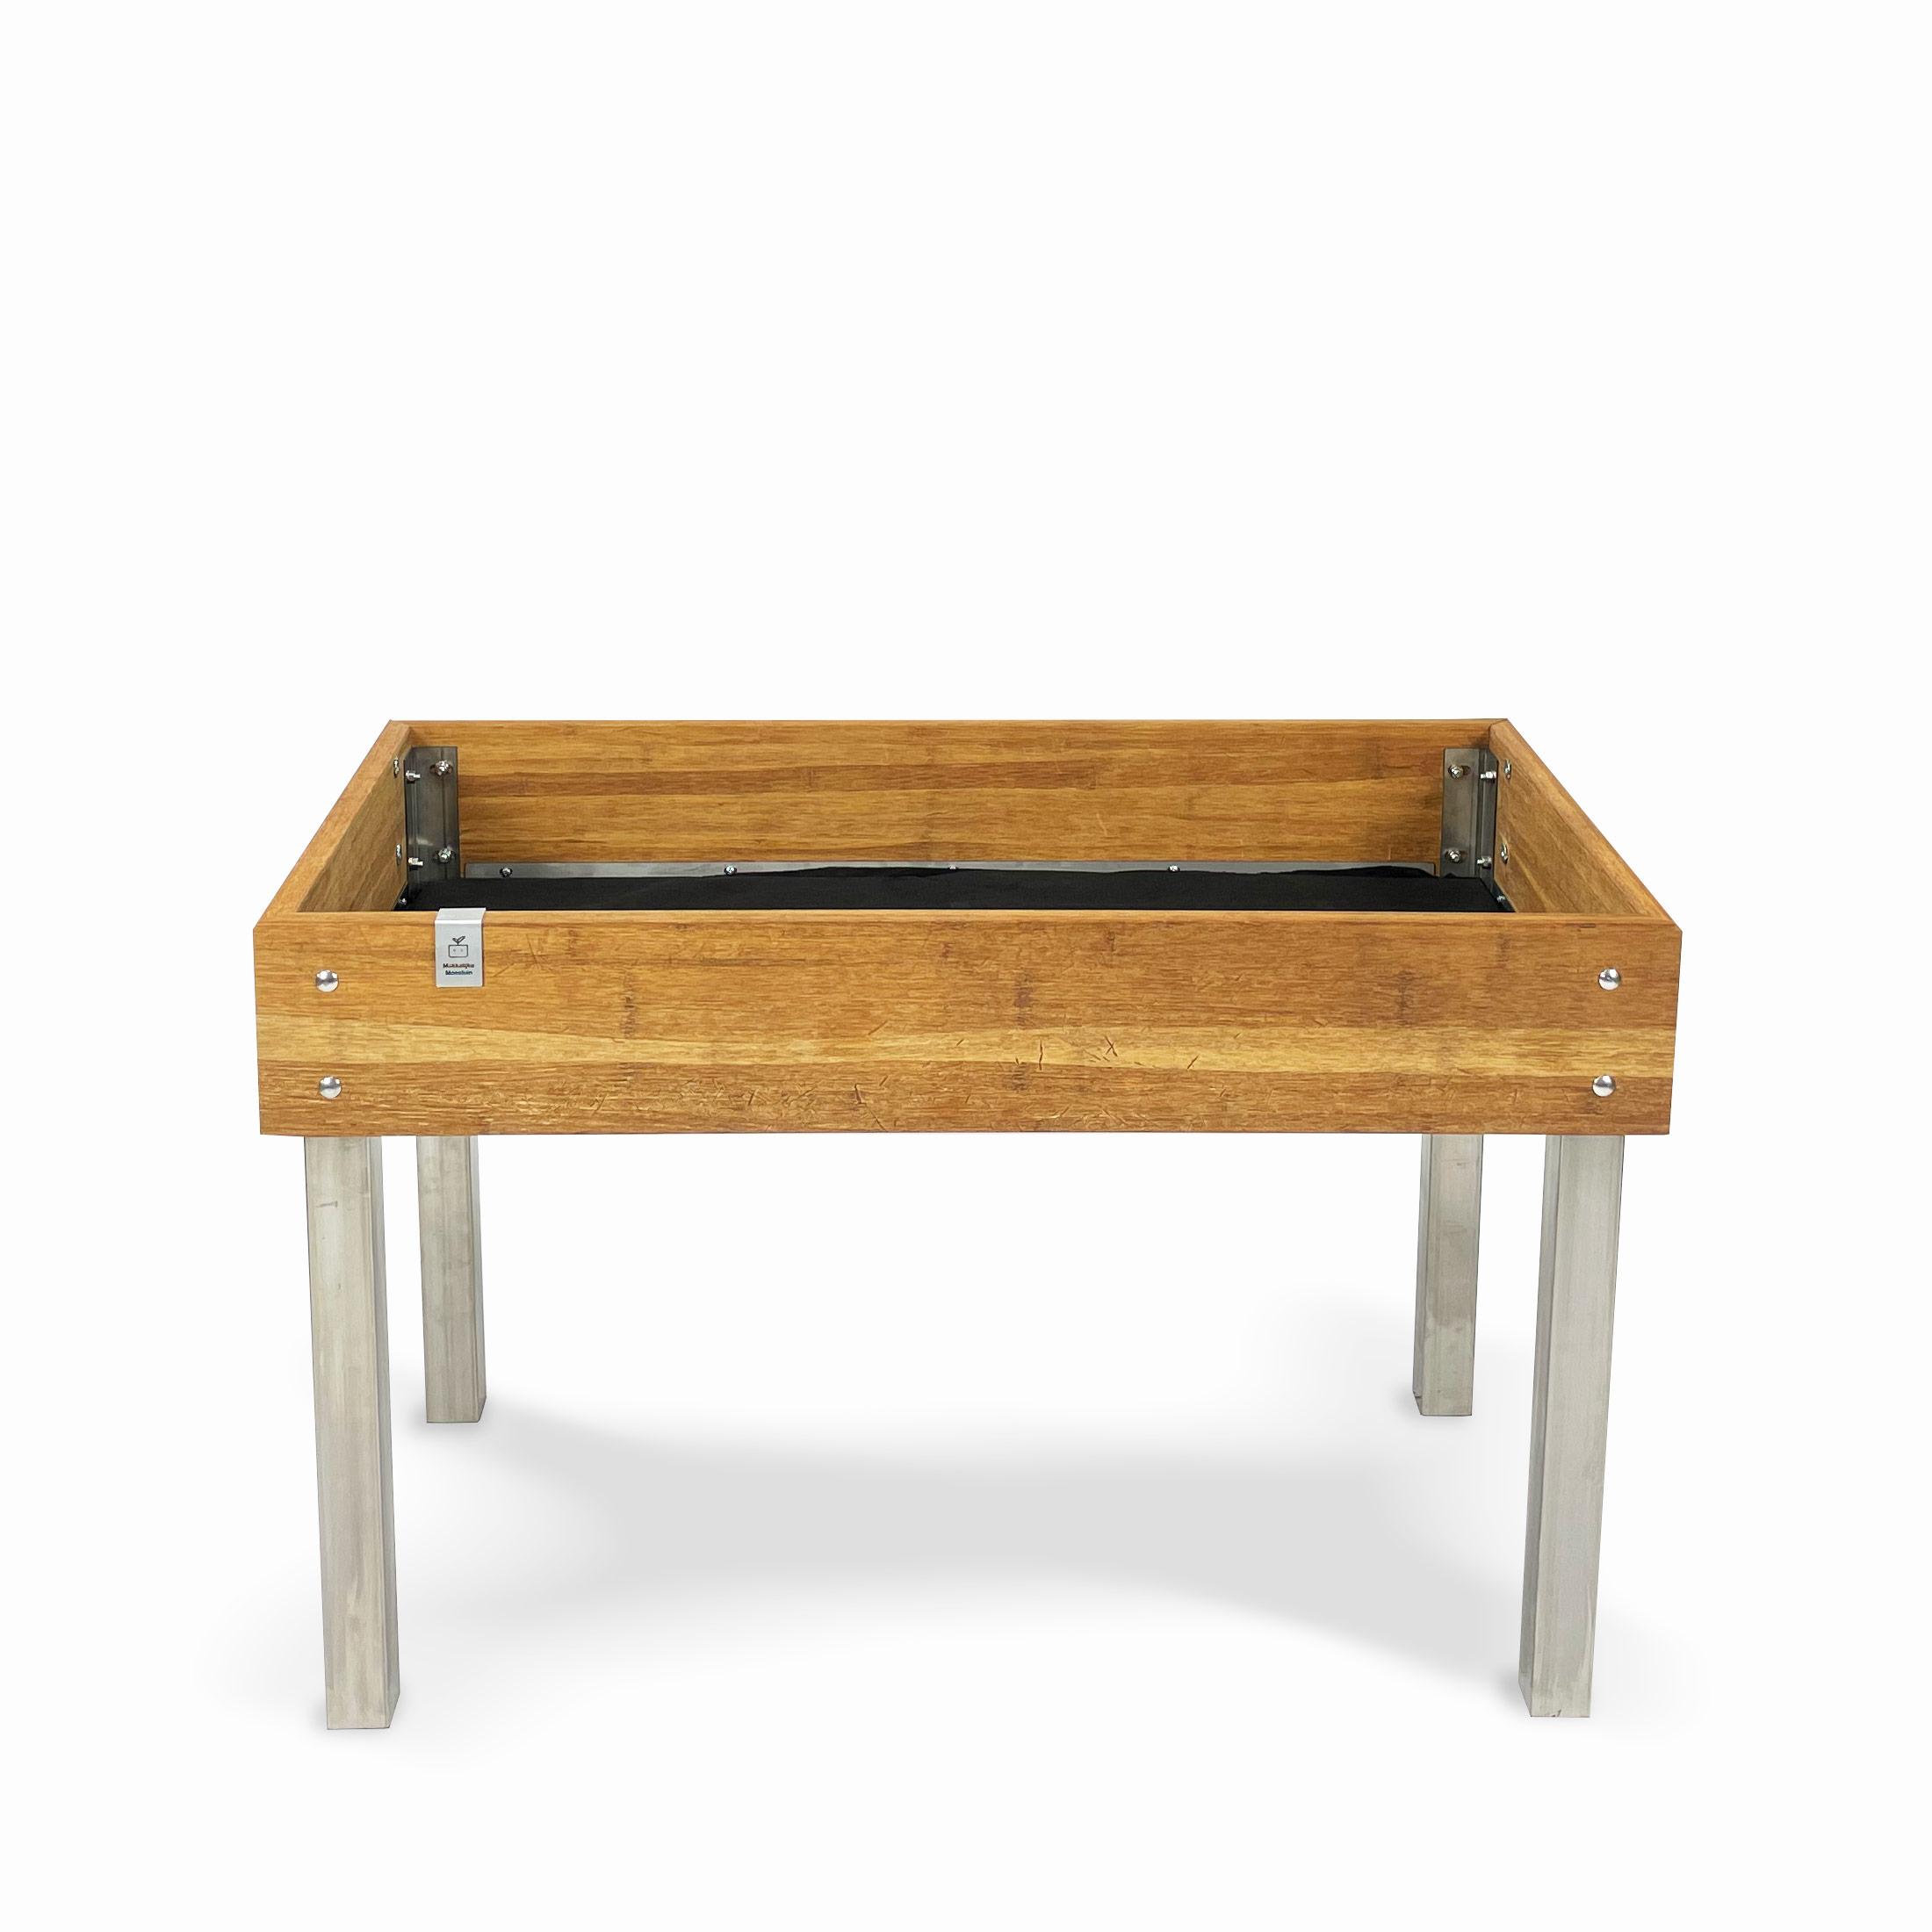 bamboo-garden-table-60x120_1.jpg